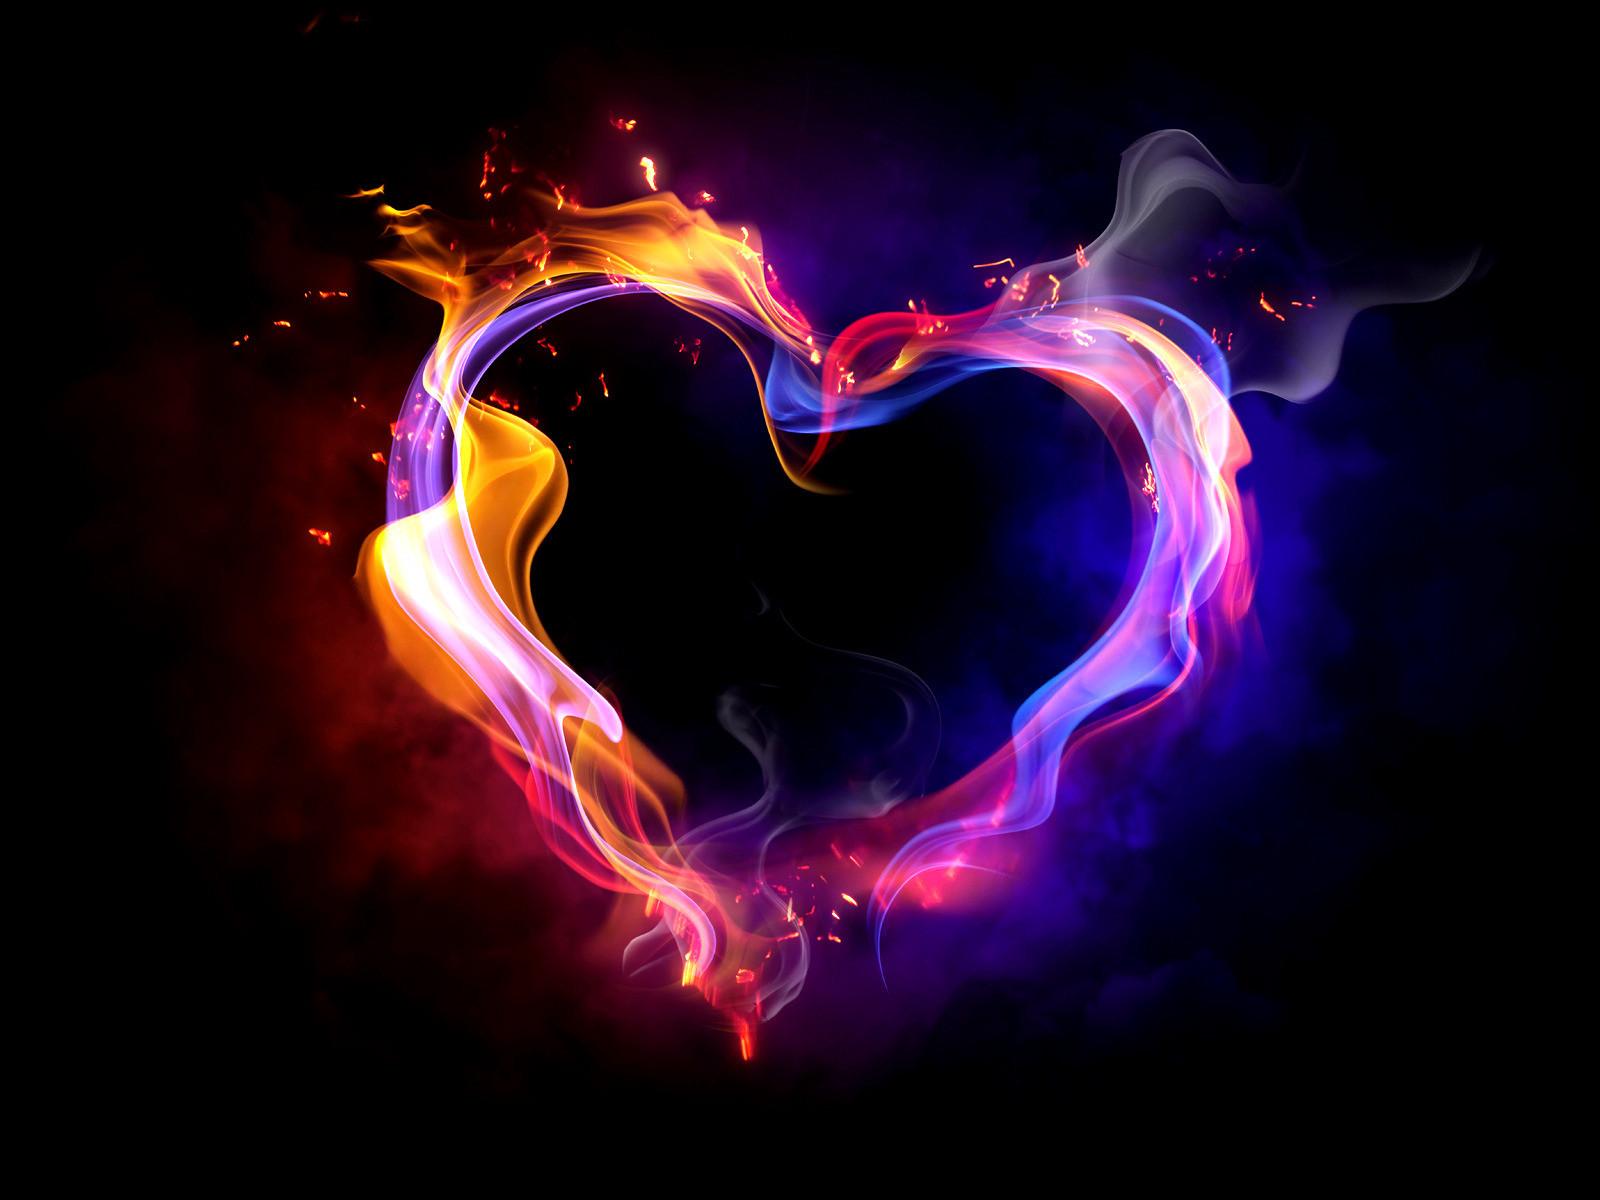 http://2.bp.blogspot.com/-SXAgaYdkzkQ/UOwBnqTBjlI/AAAAAAAAImw/wf3PGX-bAK0/s1600/Beautiful+Fire+Heart+Design+HD+Wallpaper-1600x1200-bestlovehdwallpapers.blogspot.com.jpg